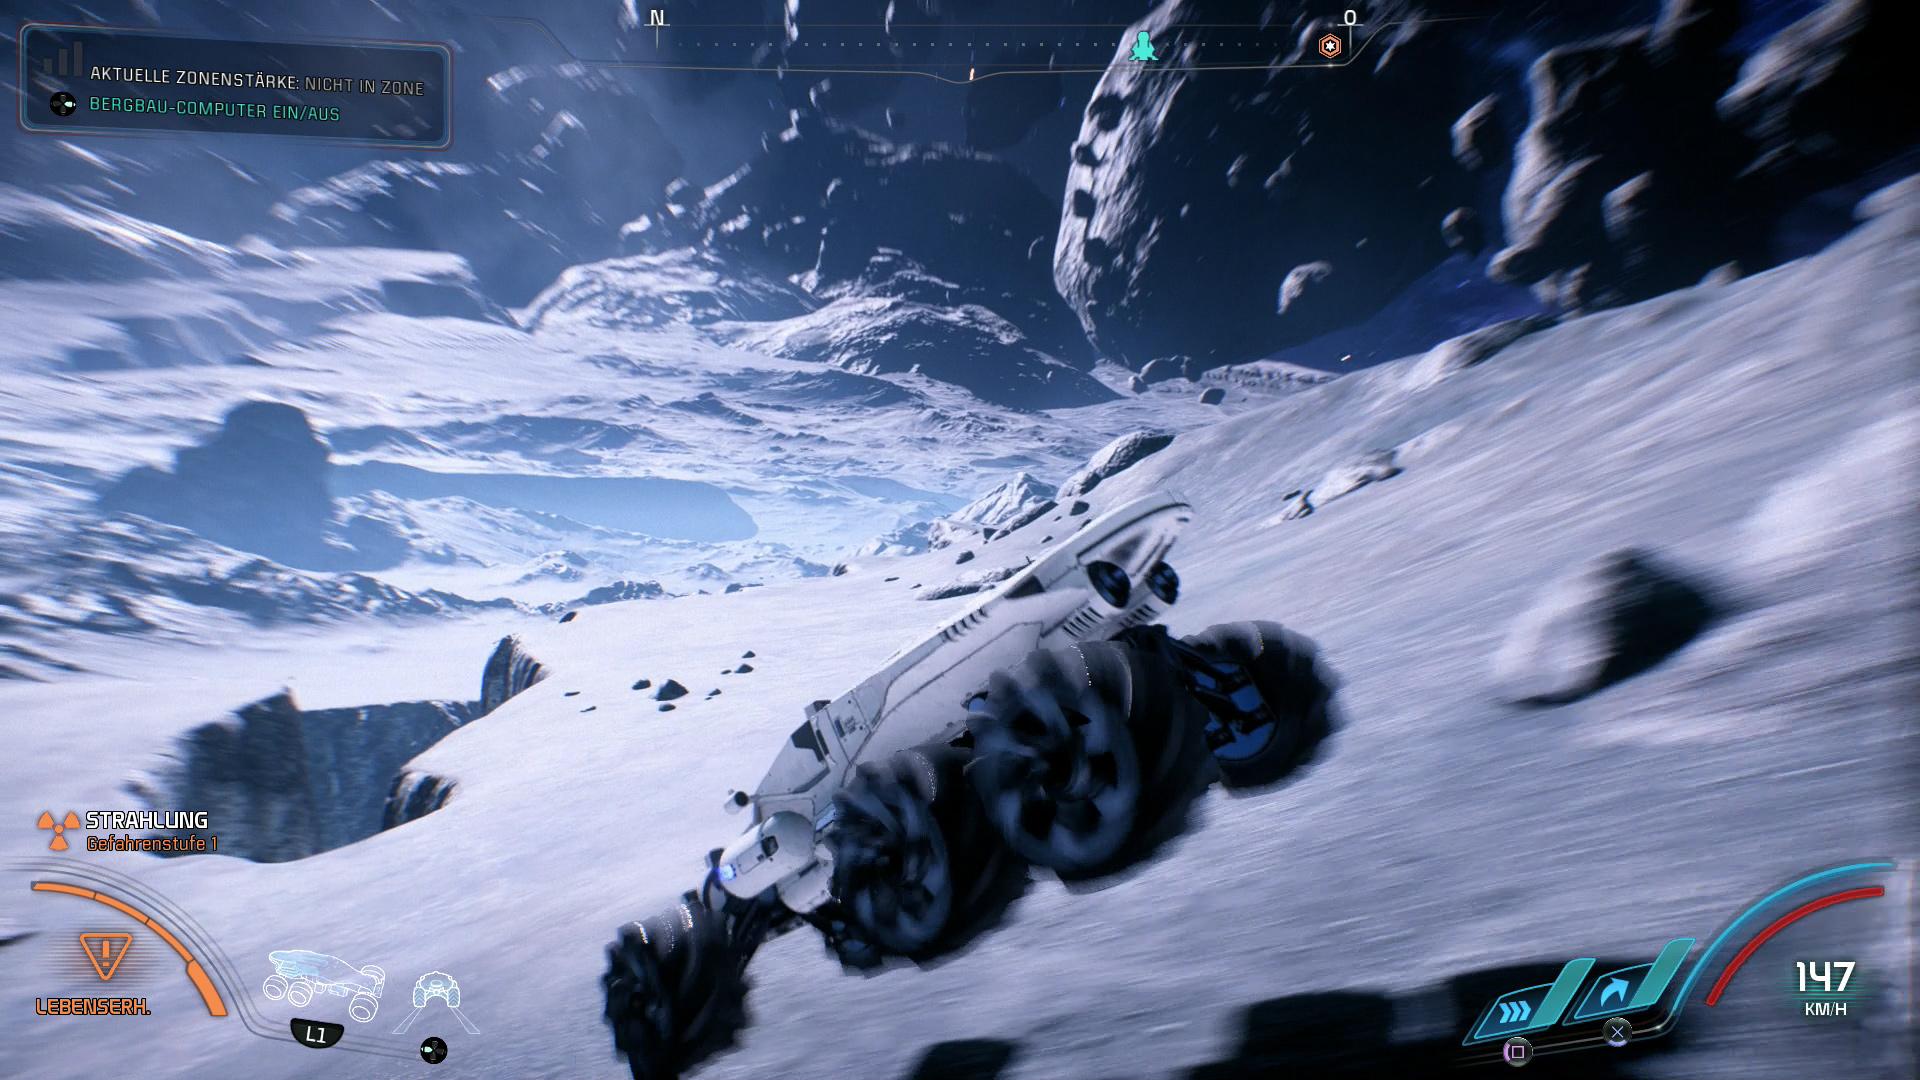 Hier sind wir auf einem Asteroiden unterwegs, was dank verminderter Schwerkraft viel Spaß bereitet.